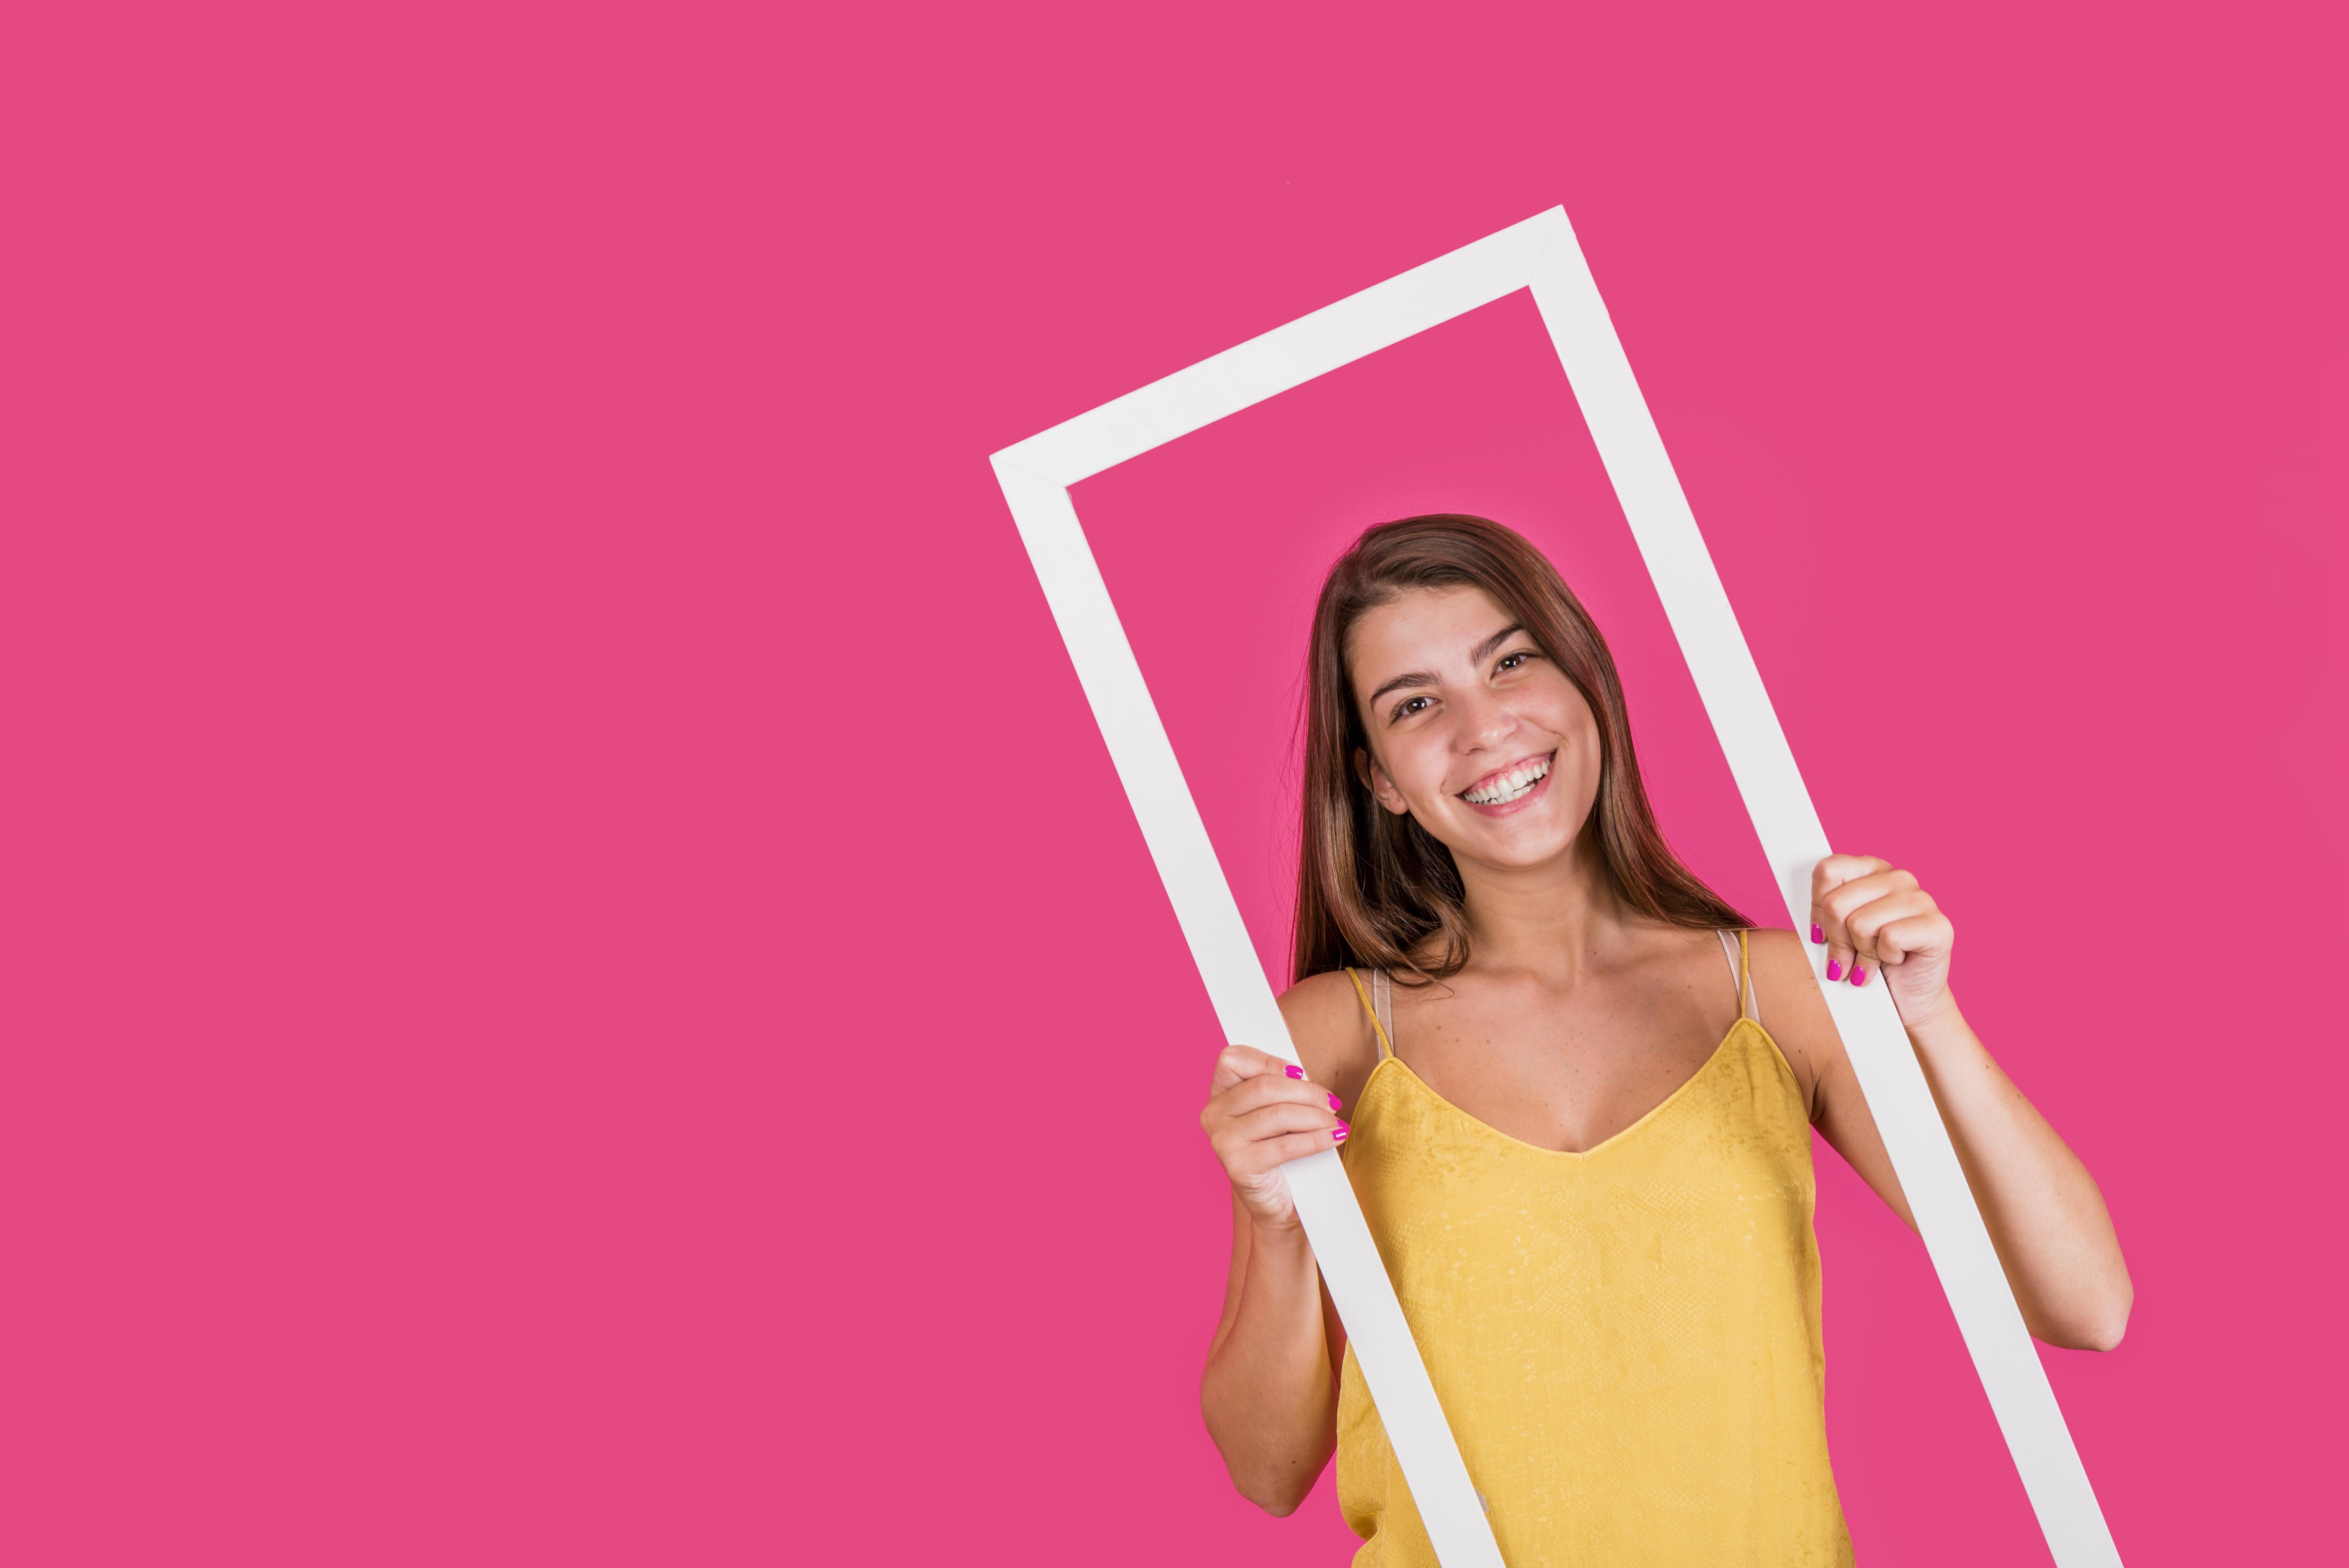 Chica sujeta marco blanco sobre fondo rosa. Como ella son muchos los millennials que buscan empleo a través de diferentes portales de empleo